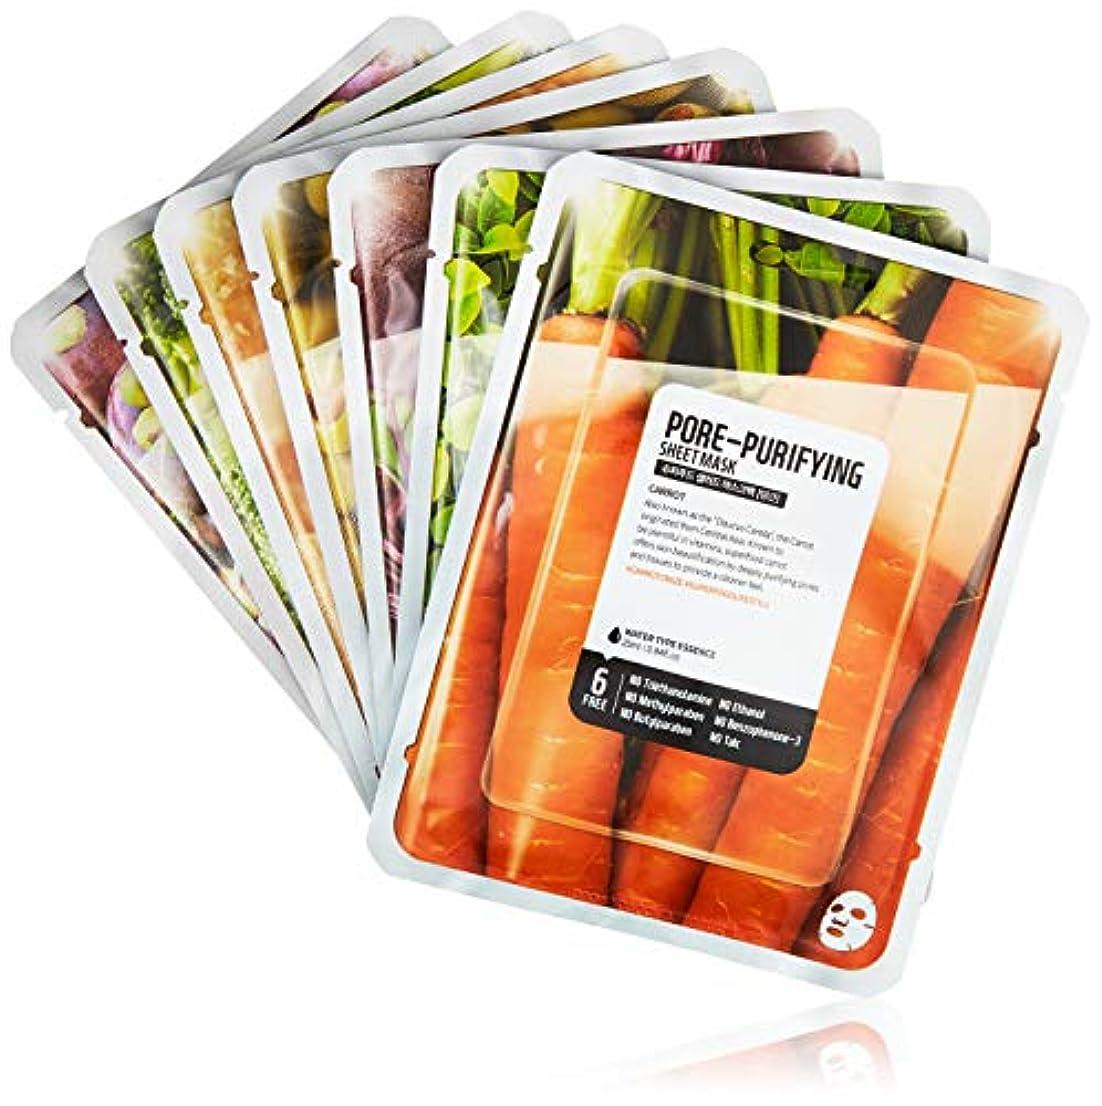 非常に商品元気なファームスキン スーパーフードサラダ フォースキン フェイスマスクシート パッケージB(にんじん) 7枚入